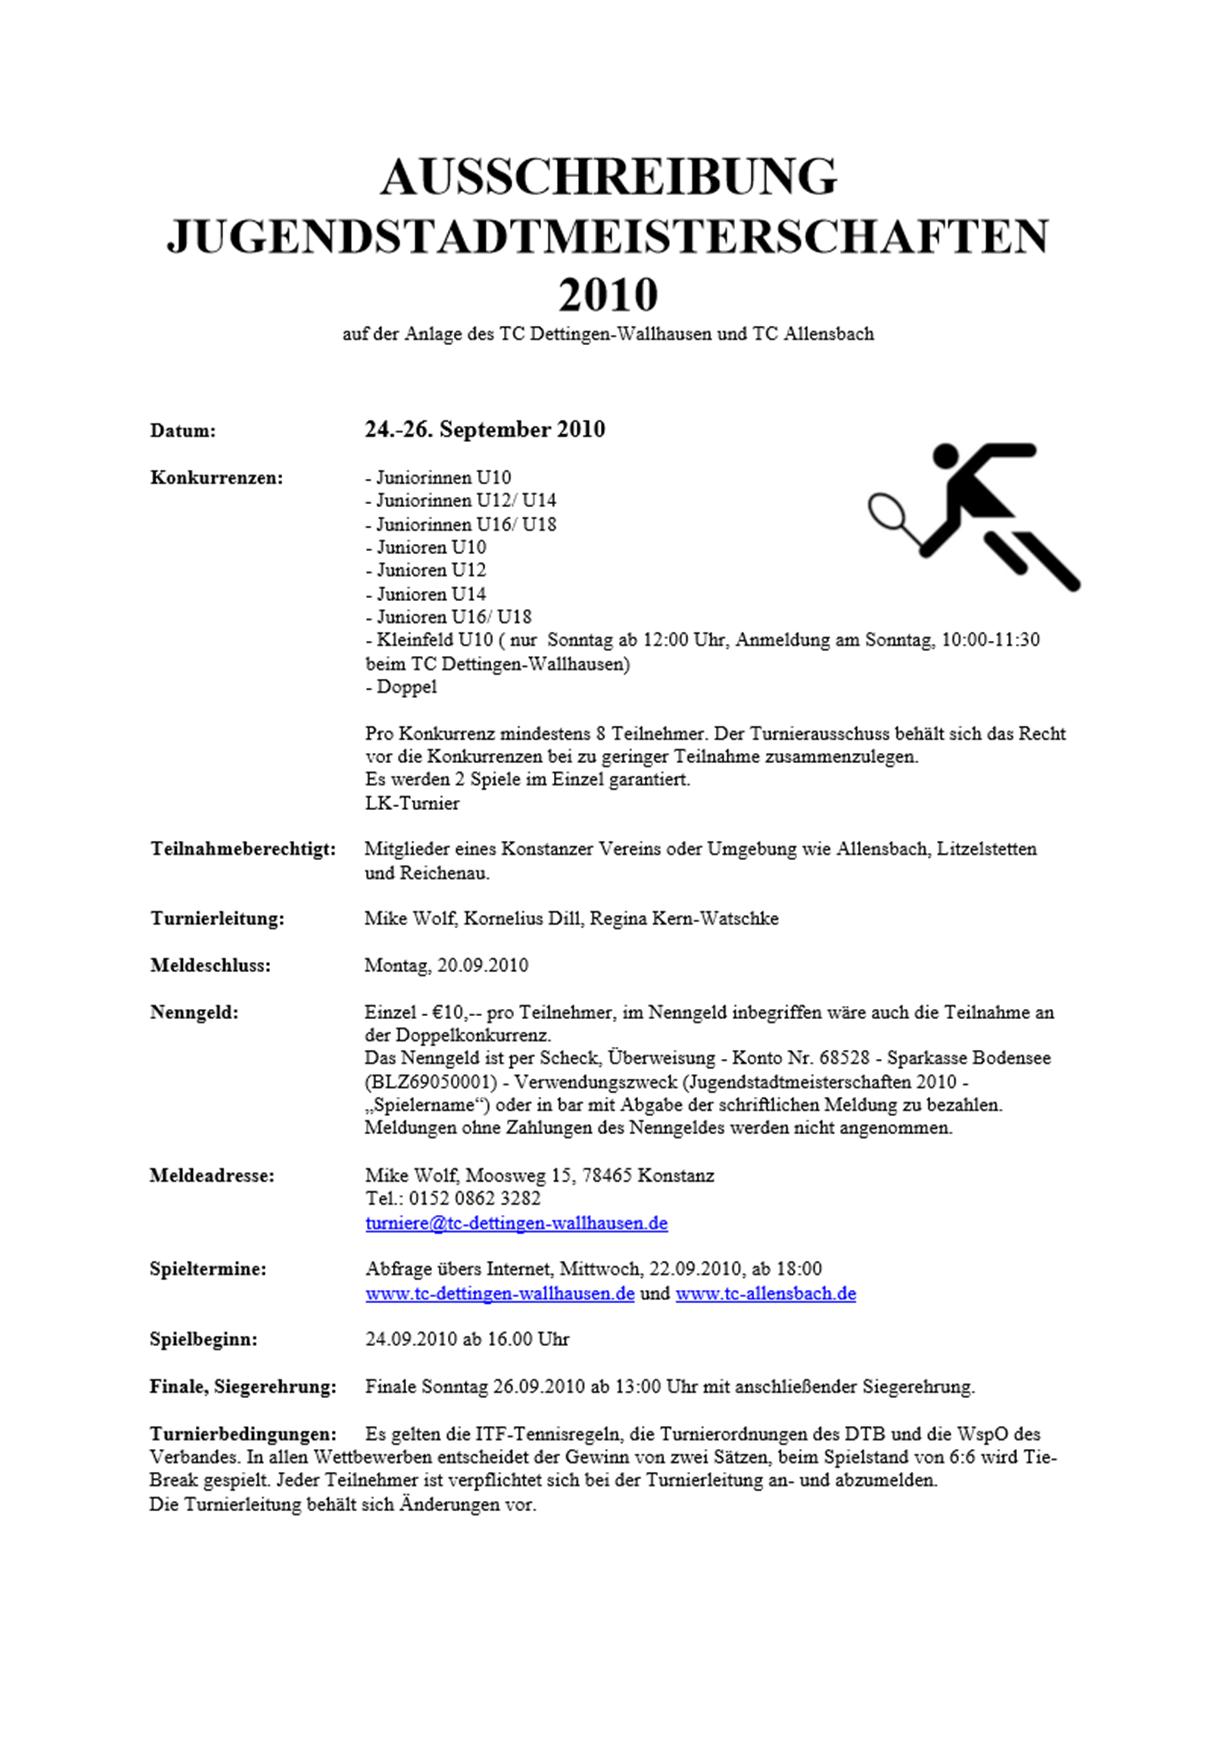 Jugendstadtmeisterschaften Ausschreibung.png